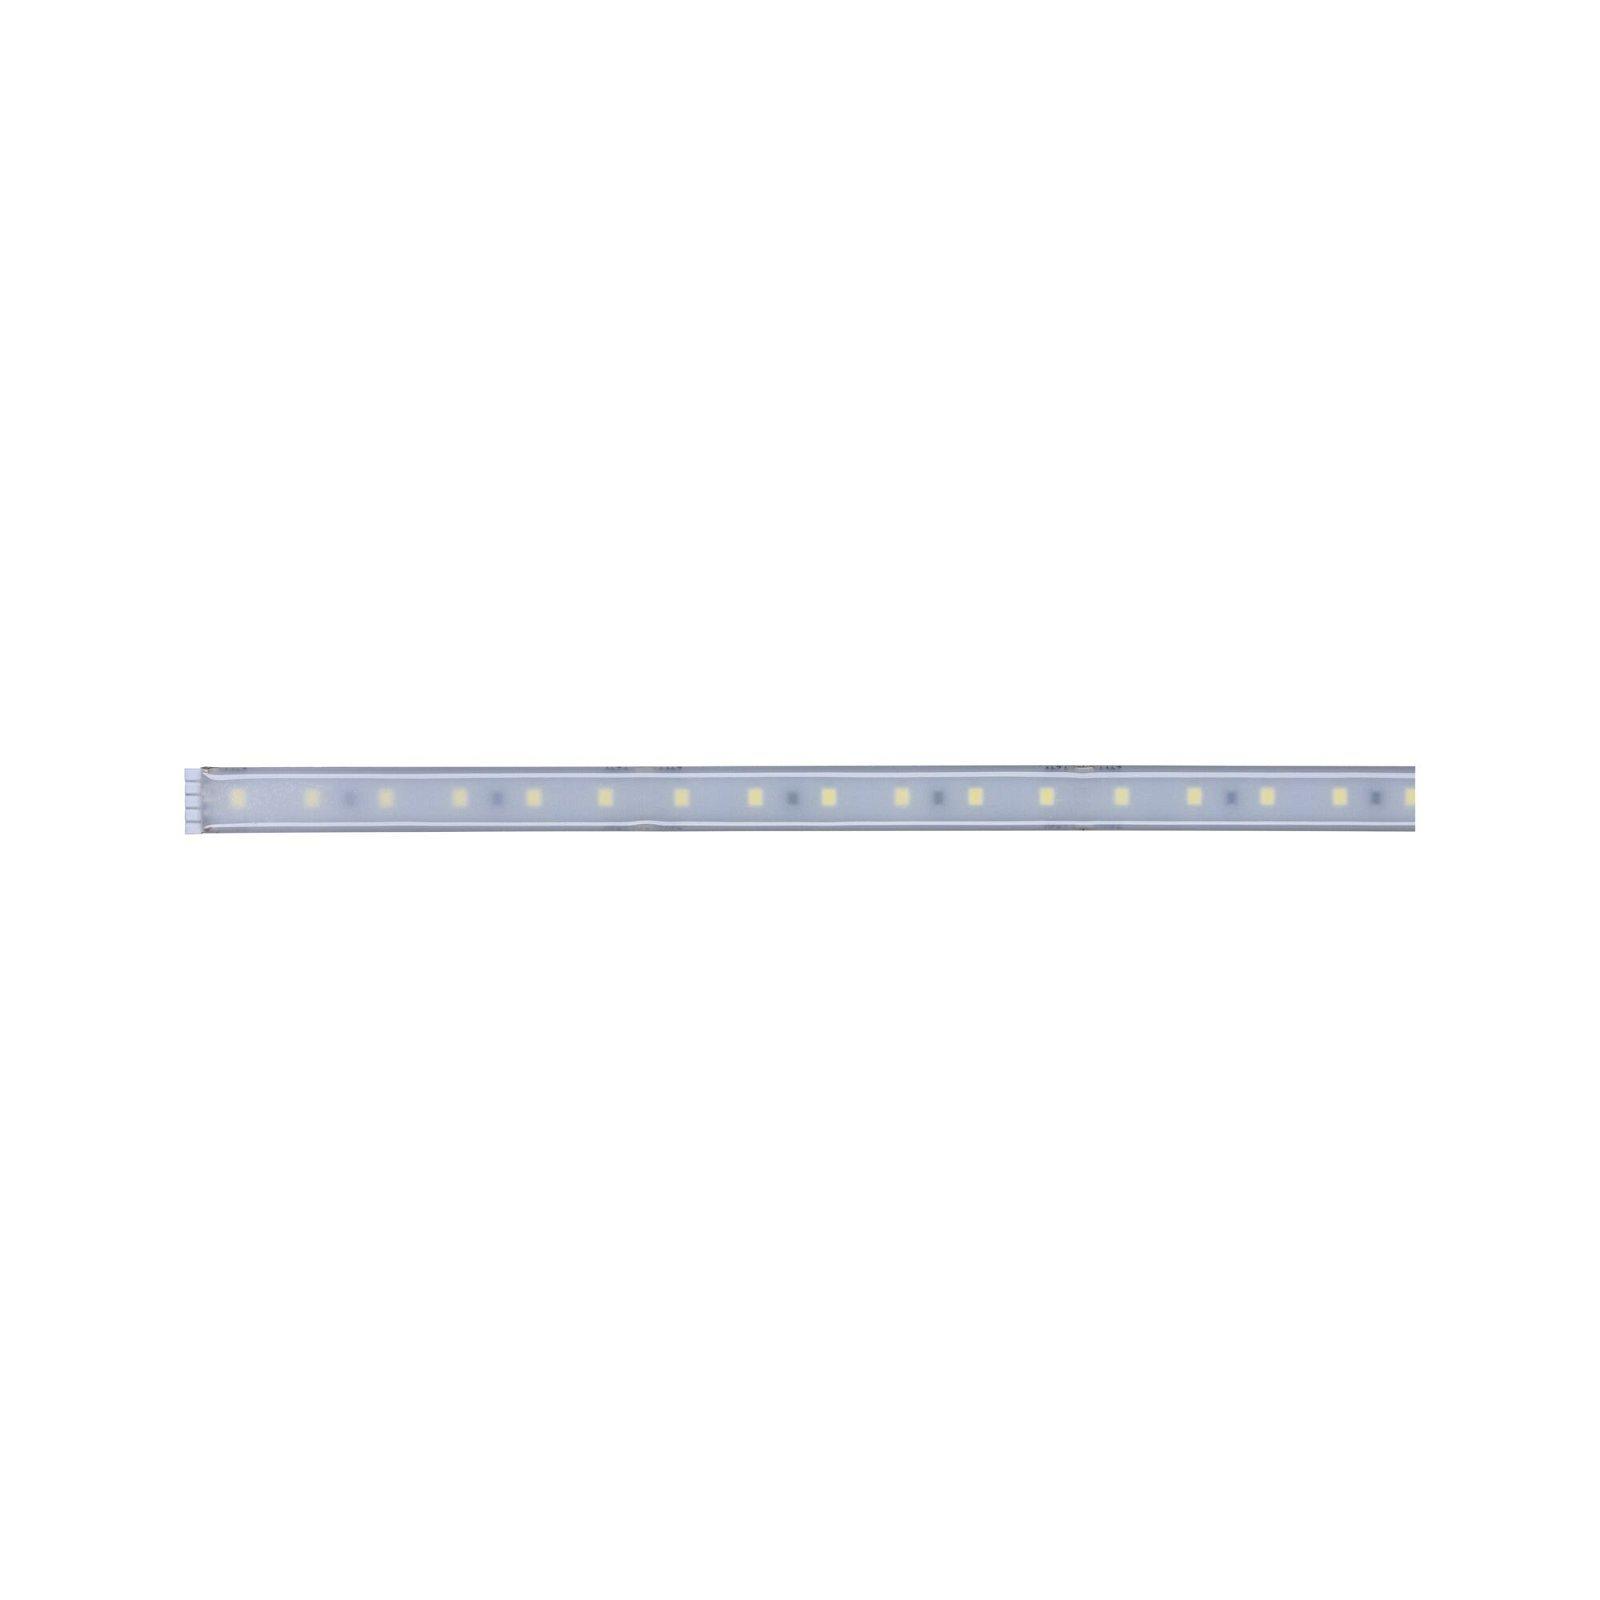 MaxLED 500 Strip LED Blanc lumière 1m recouvert 6W 550lm 6500K